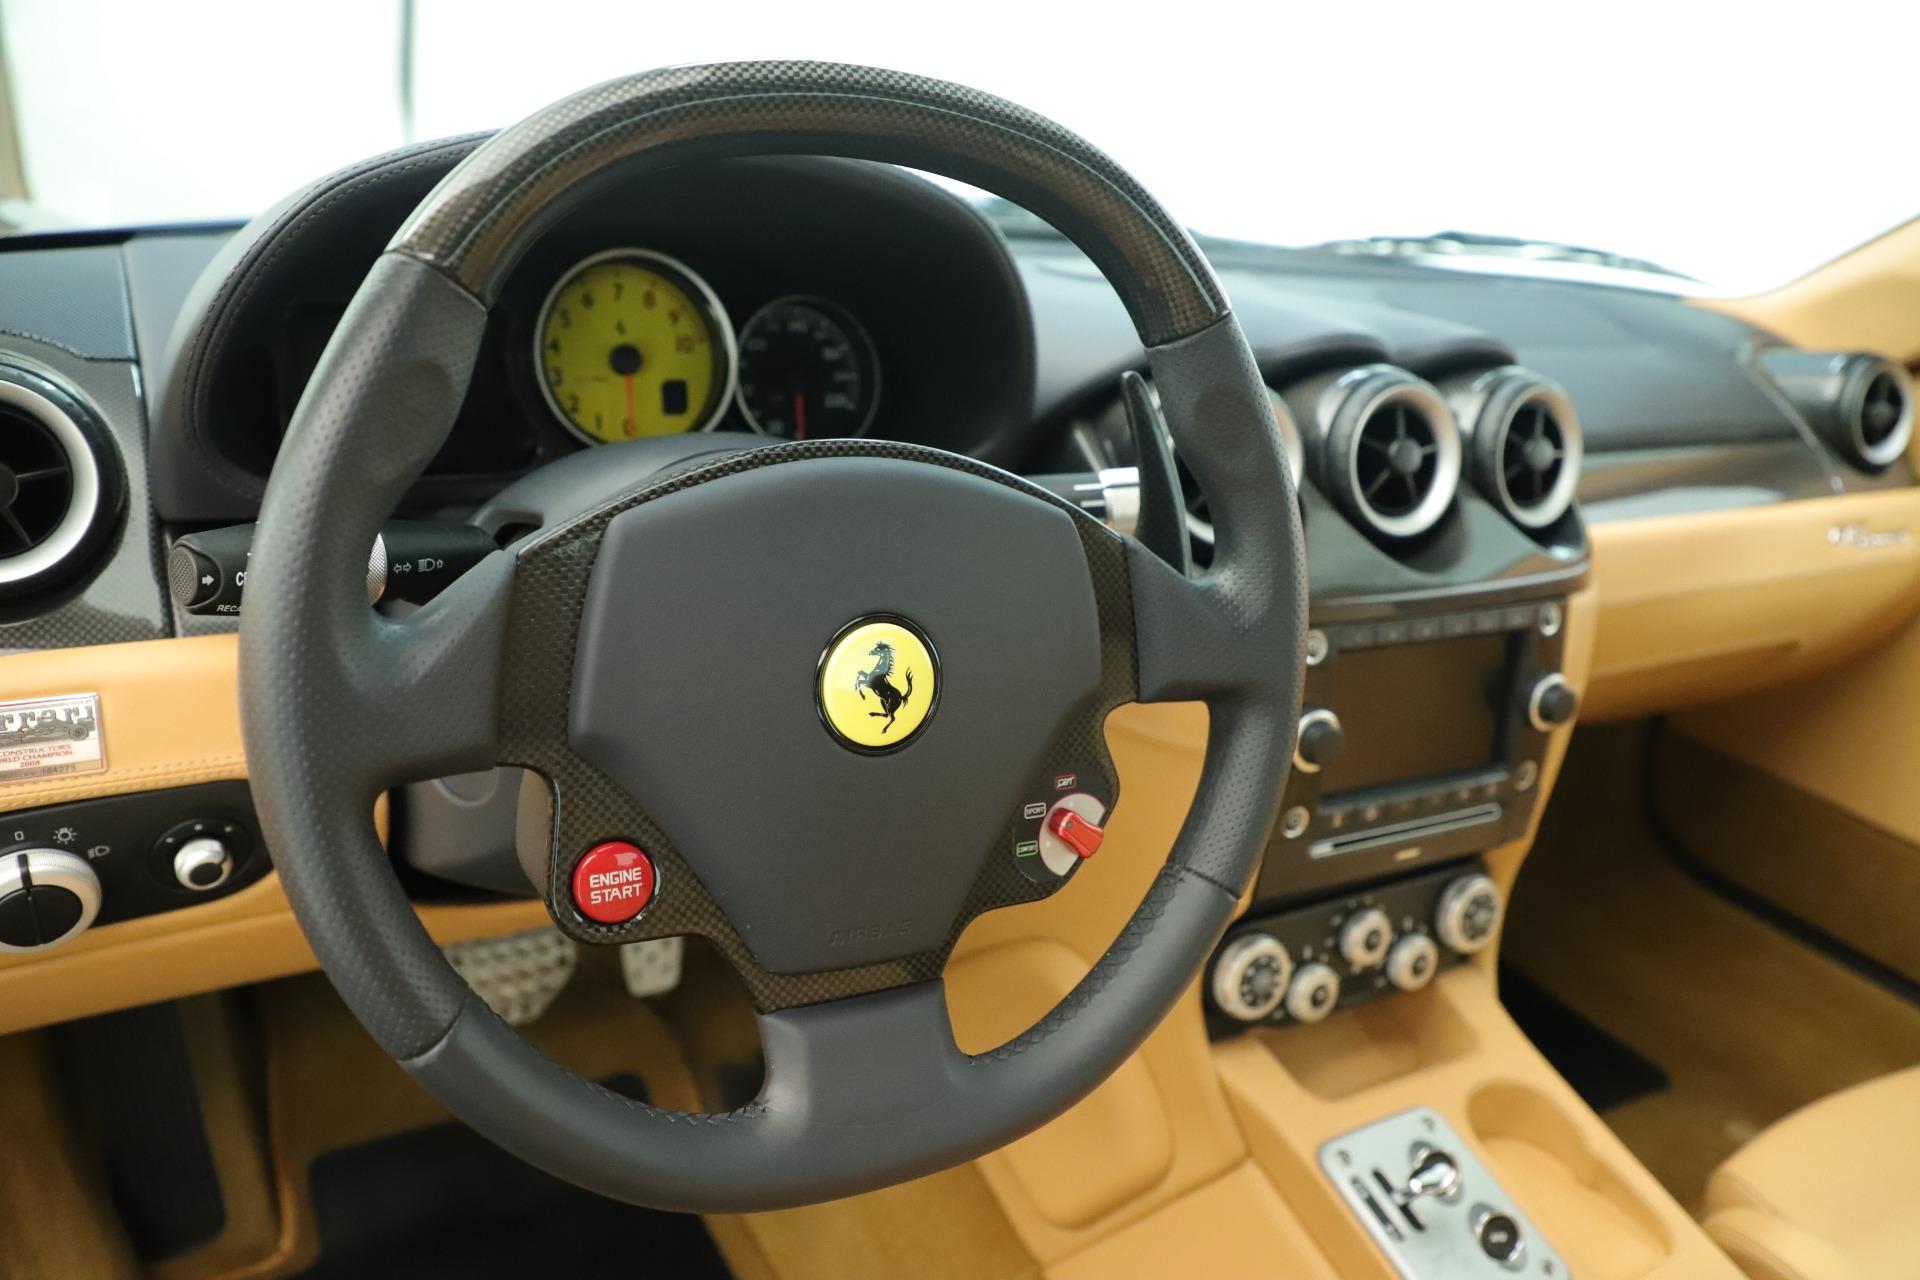 Used 2009 Ferrari 612 Scaglietti OTO For Sale In Greenwich, CT 3365_p23